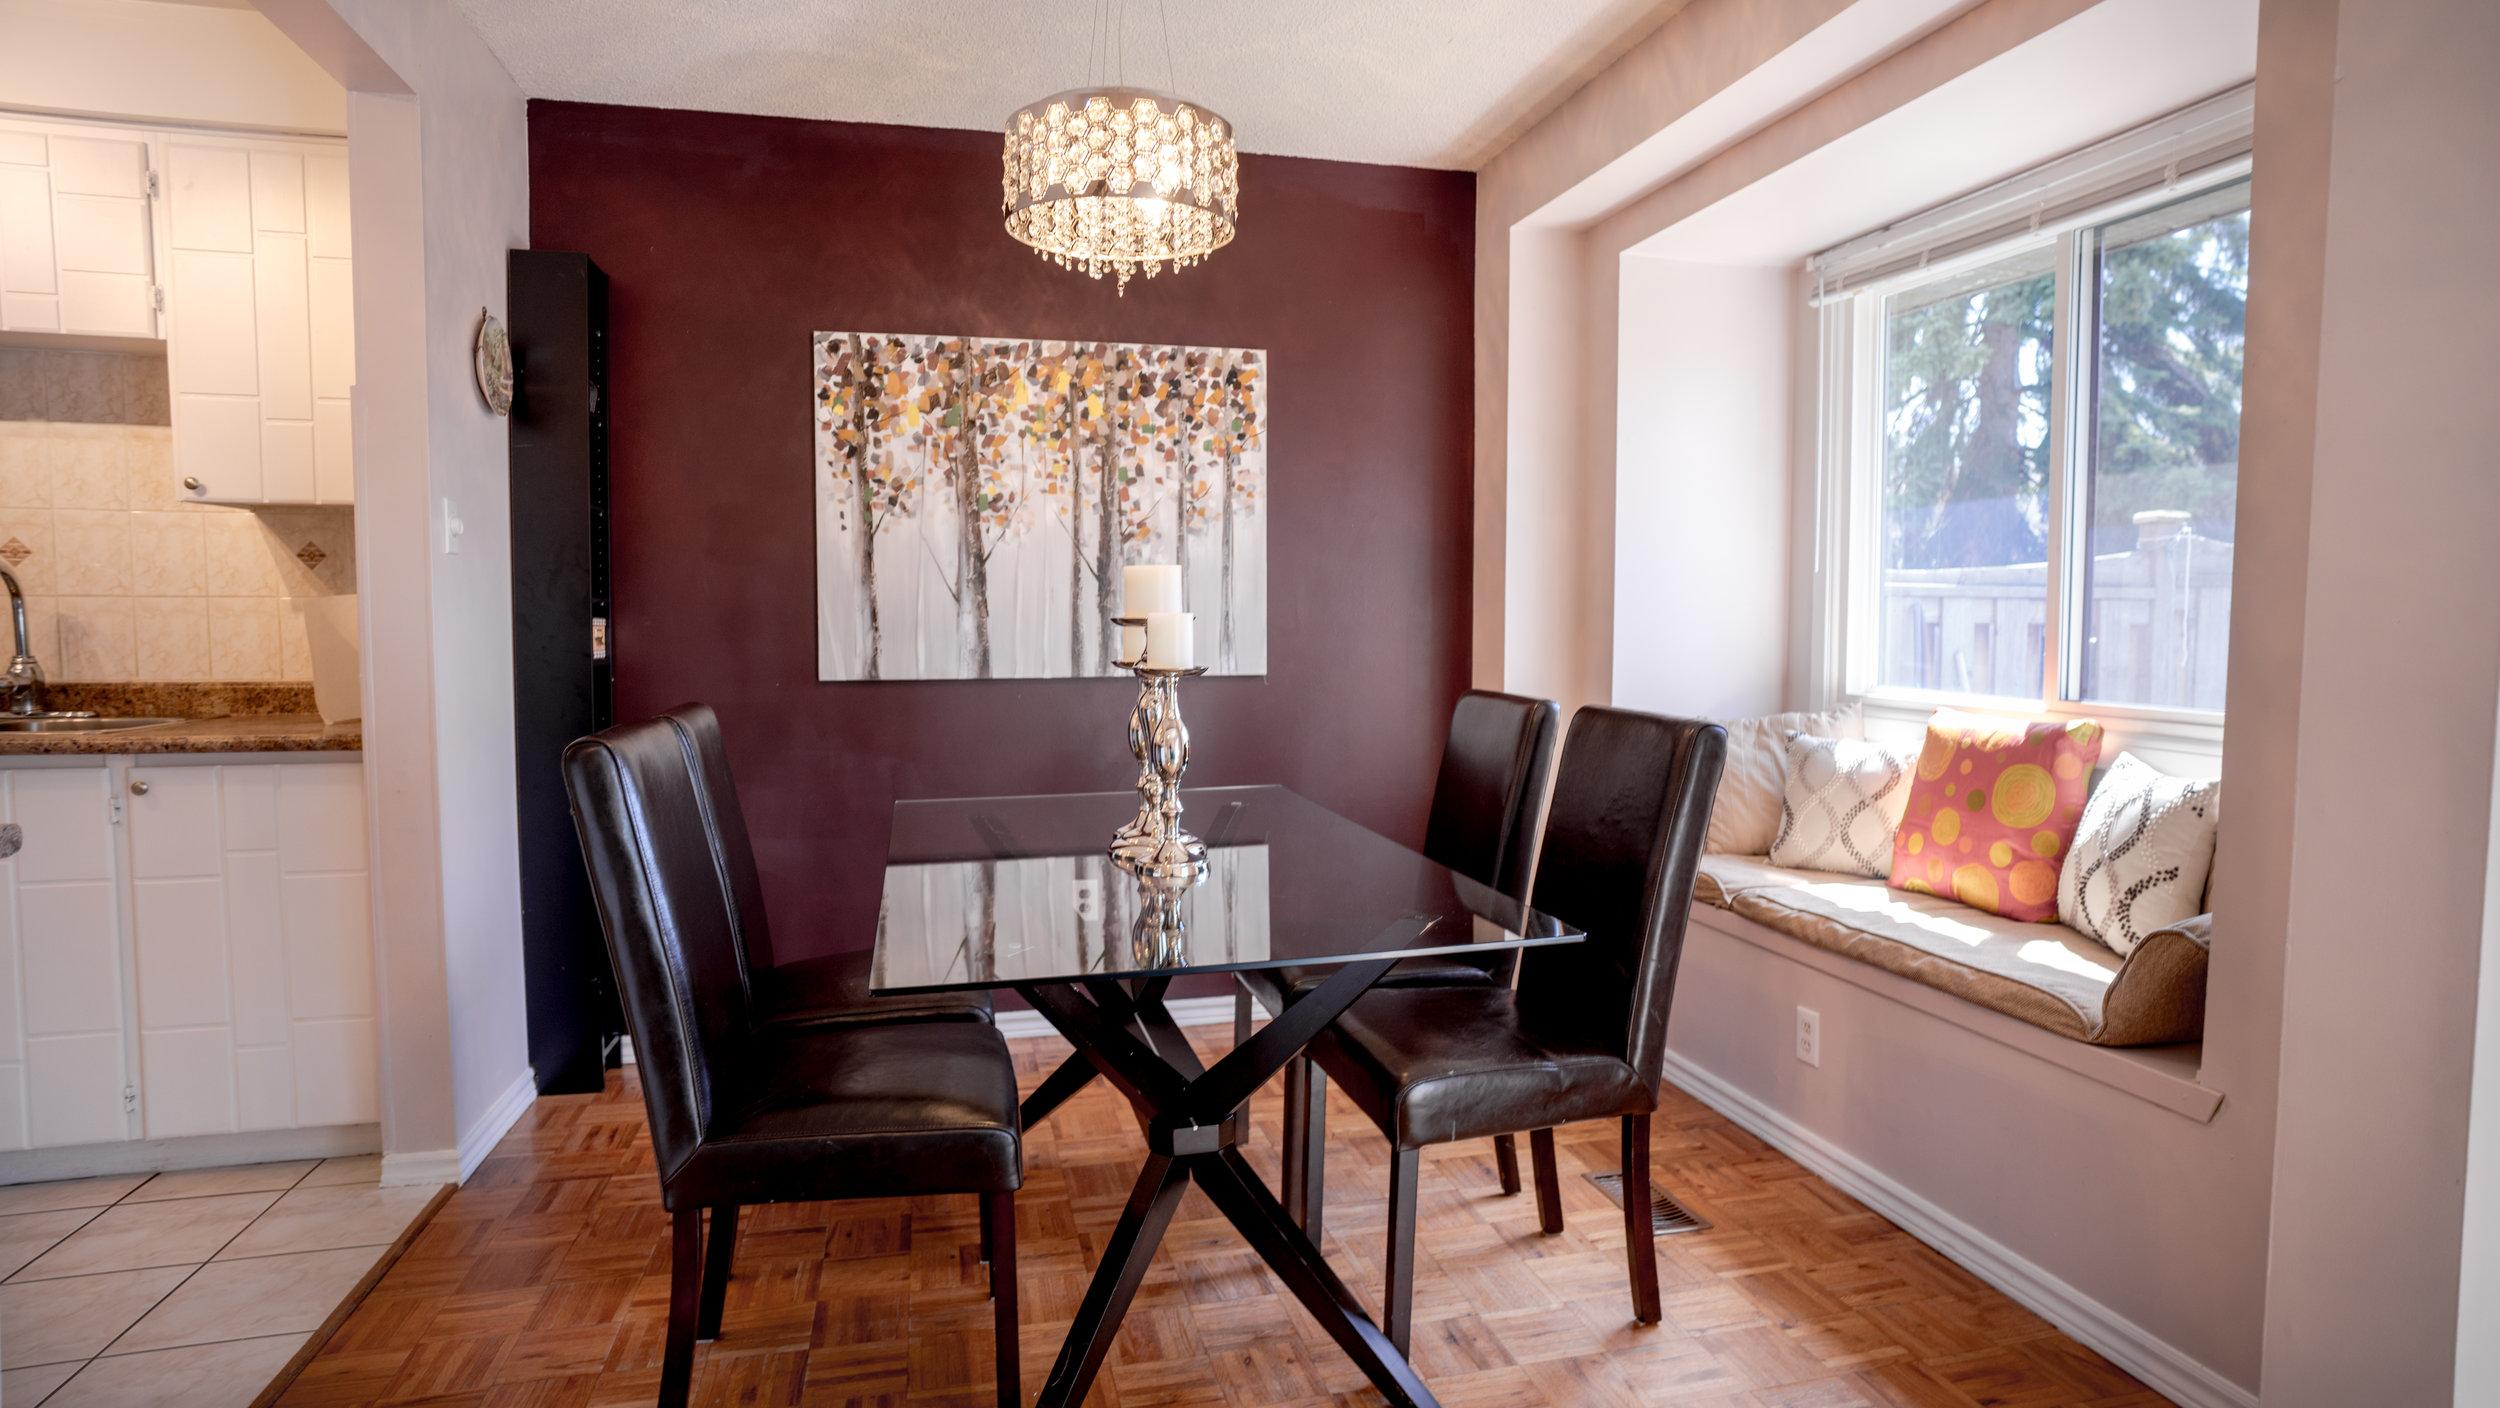 #3 - Dining Room - Fundy-16.jpg